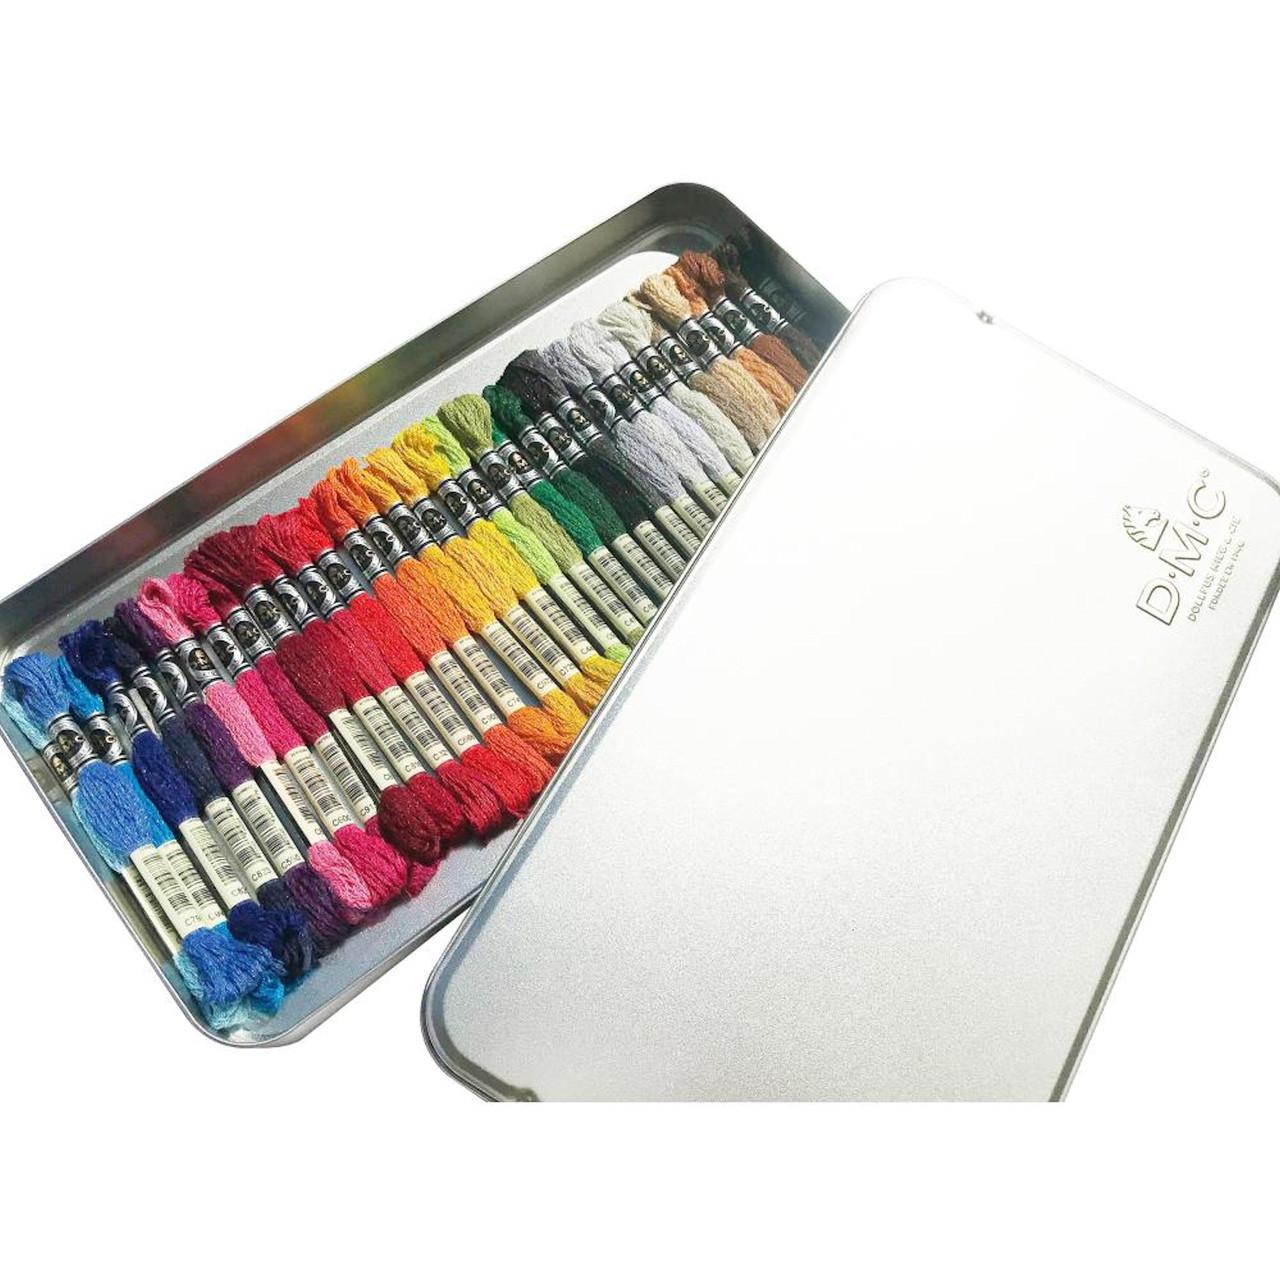 DMC Etoile Embroidery Floss Tin (35 Skeins)